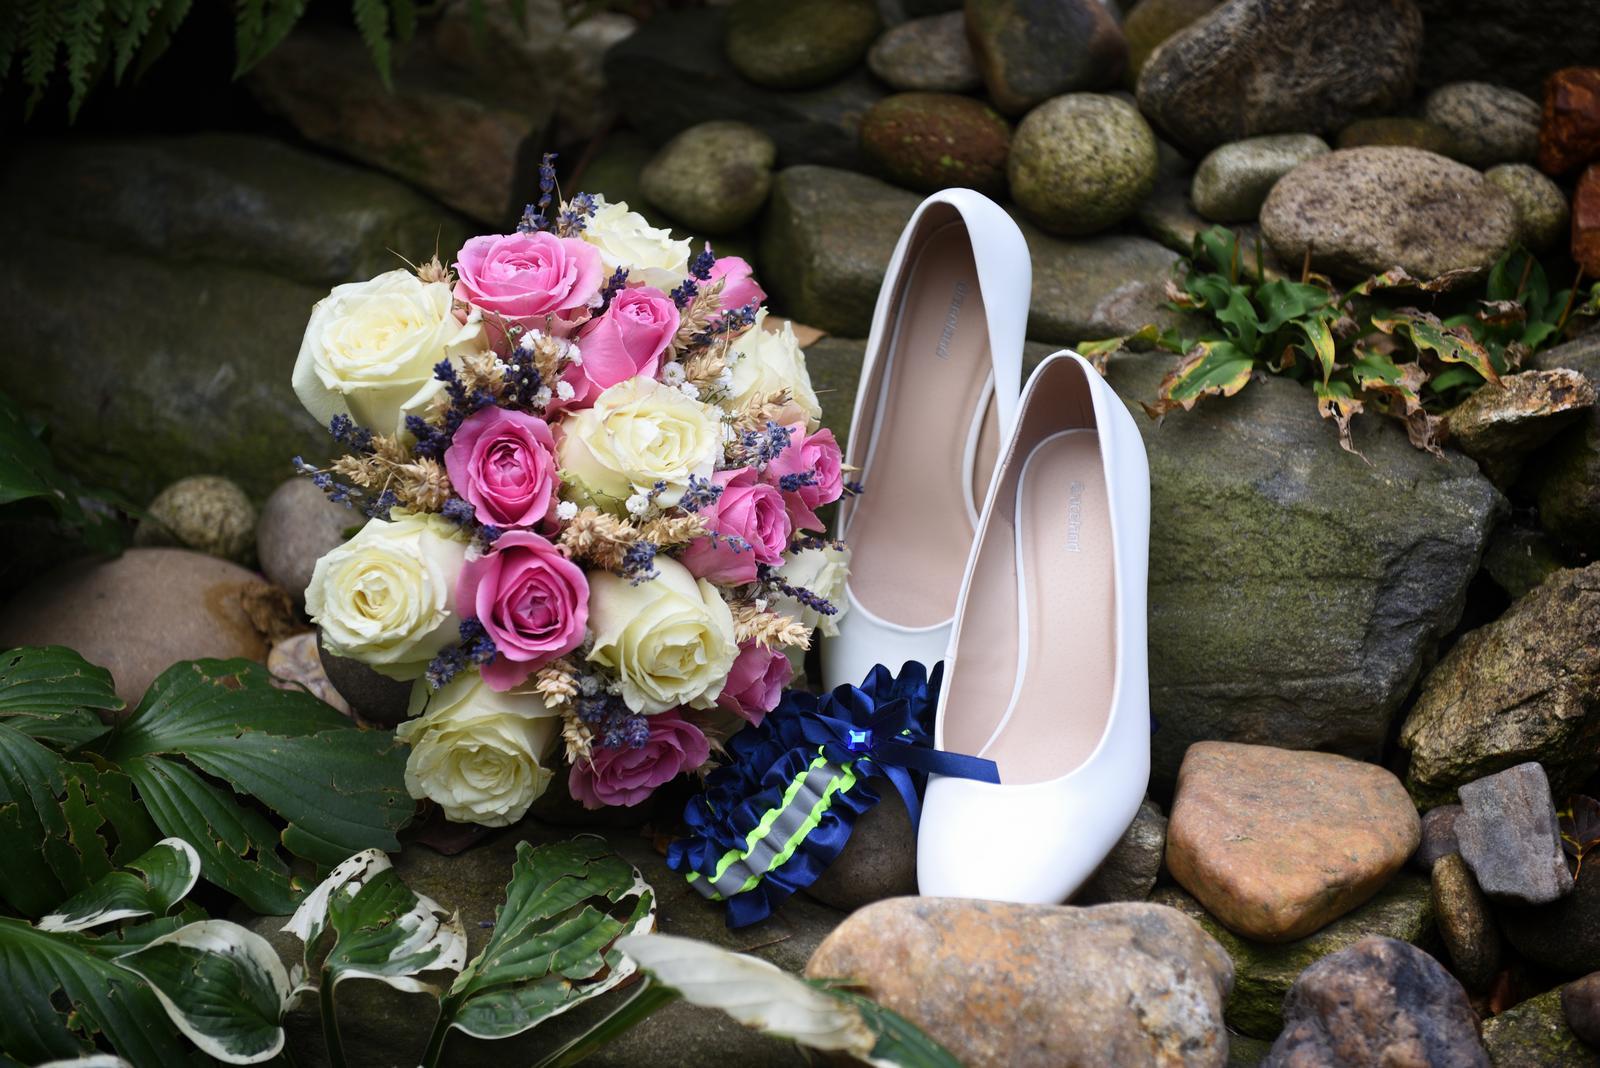 Ze svatby - Kytice - živé růže zbytek sušené květiny vázaná nevyučenou floristkou (17-ti letou)